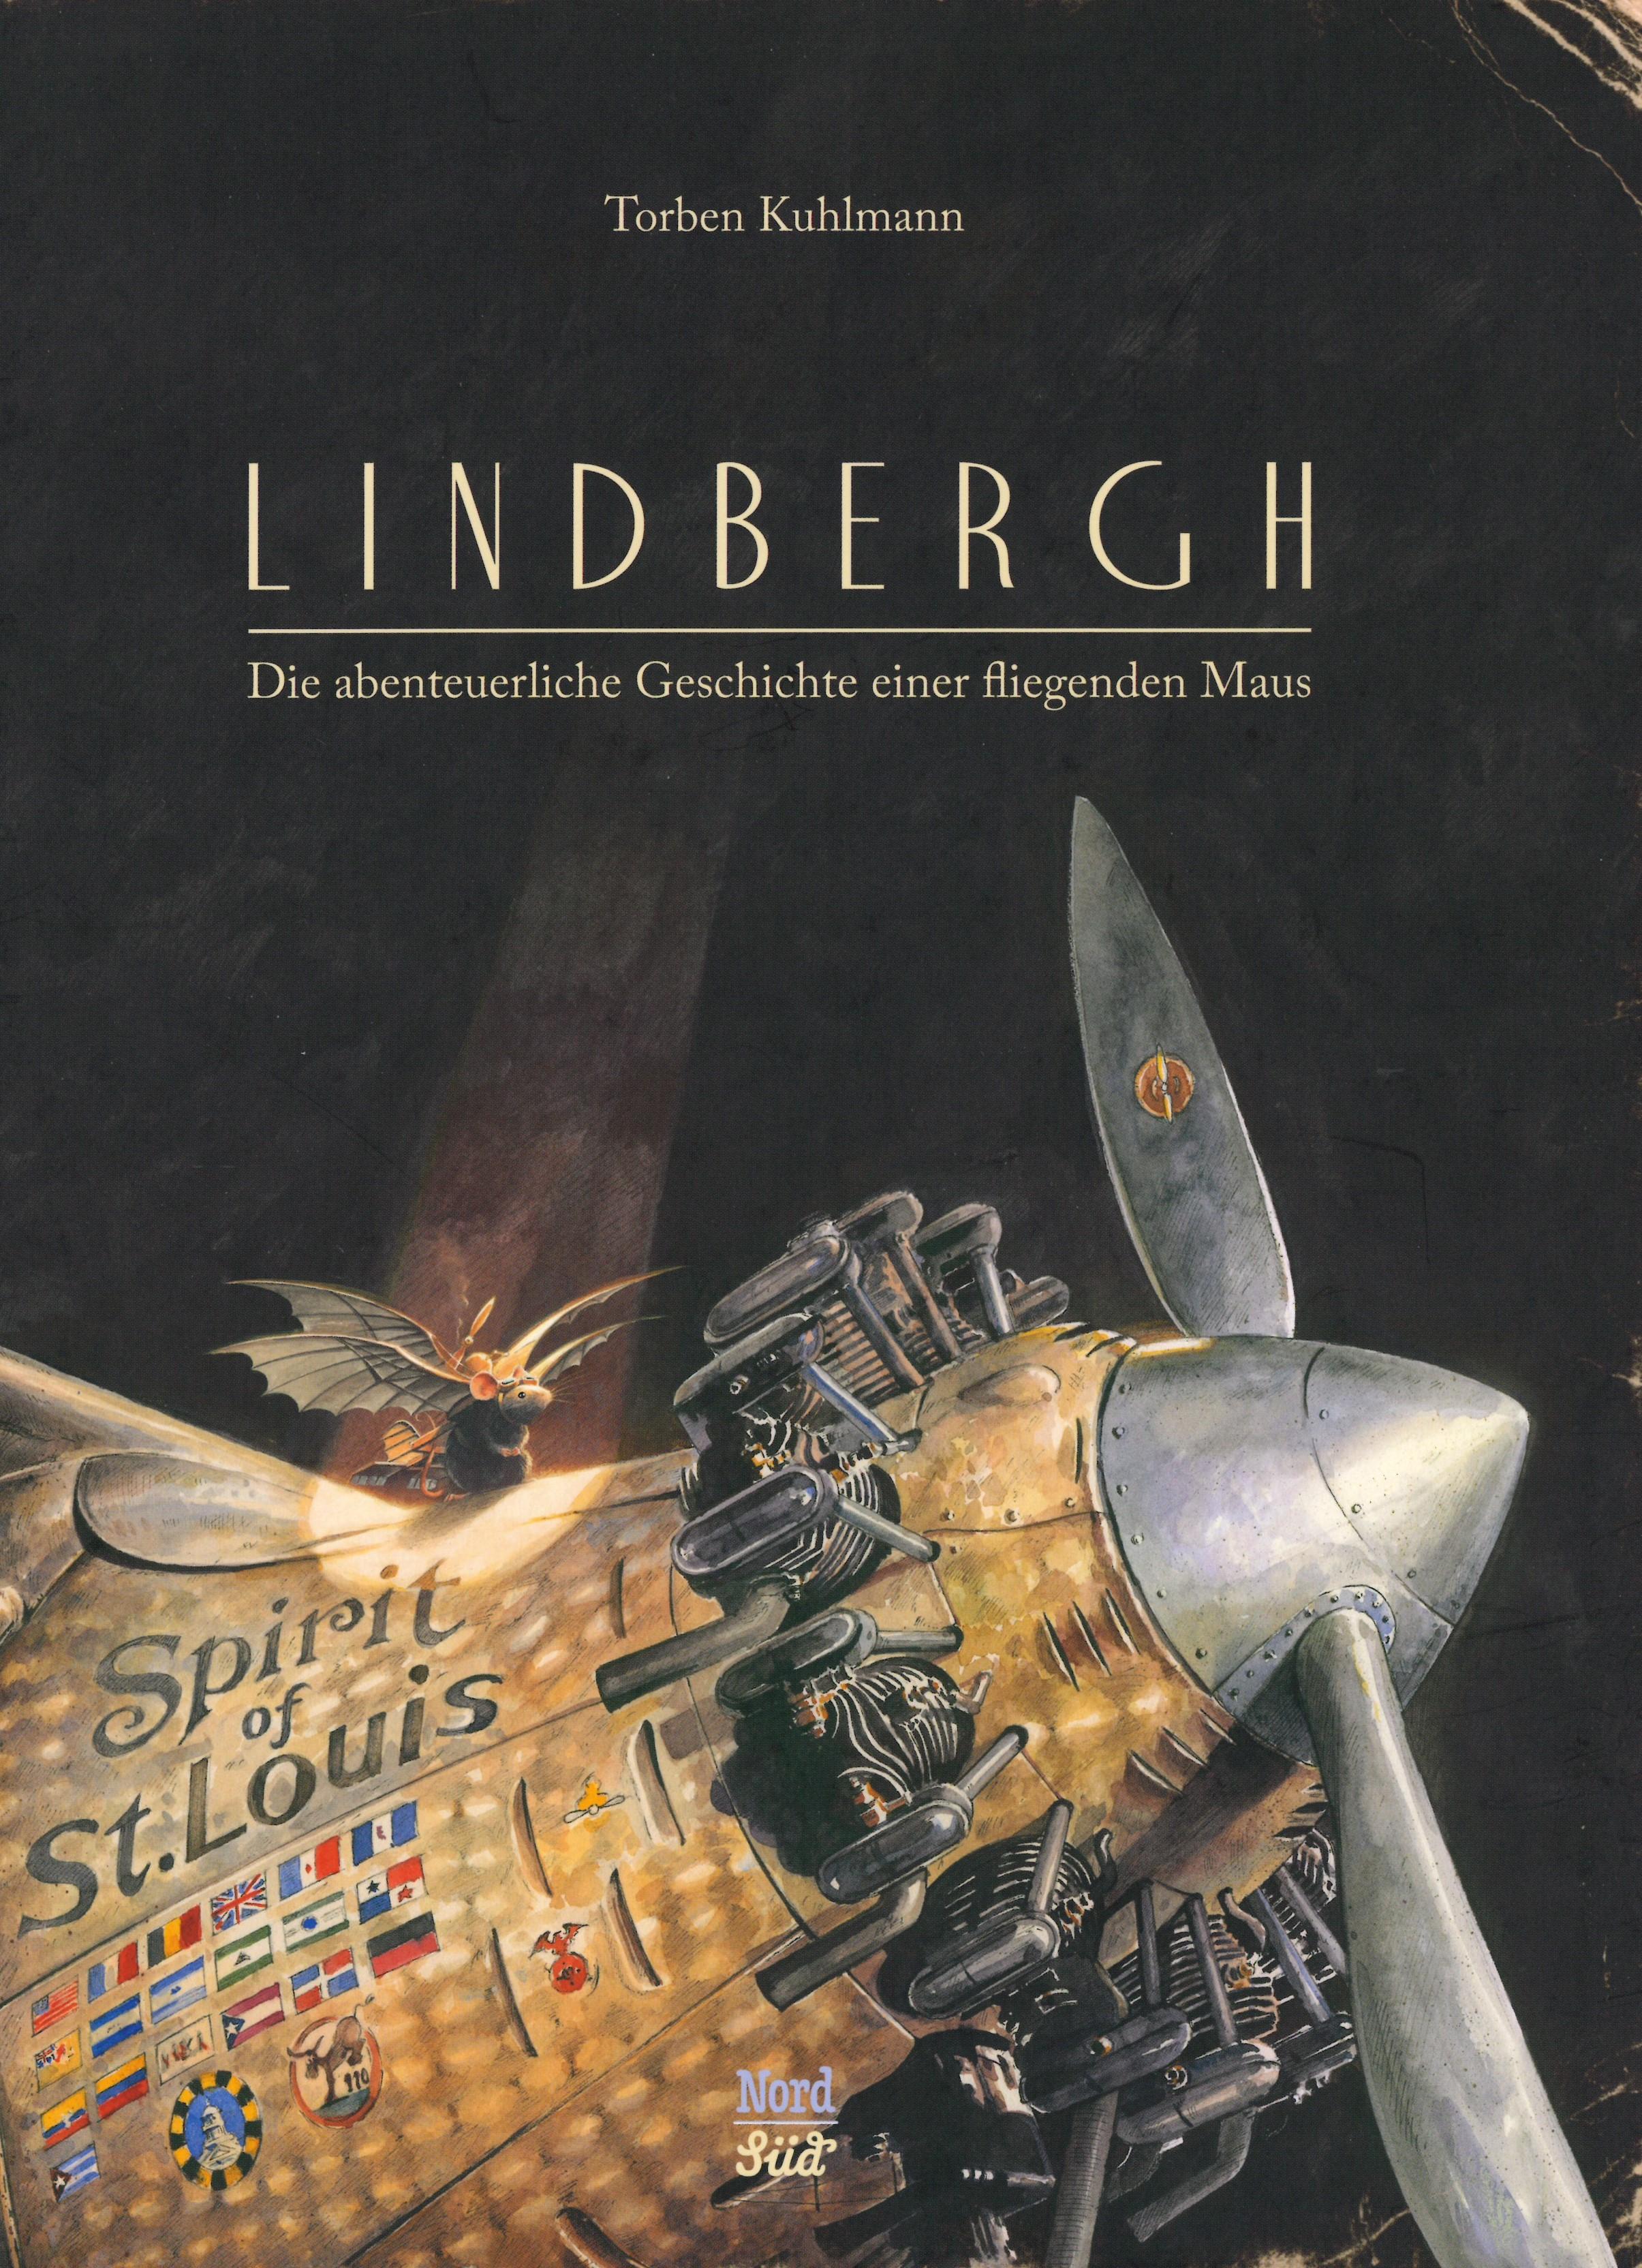 Torben Kuhlmann: Lindbergh. Die abenteureliche Geschichte einer fliegenden Maus